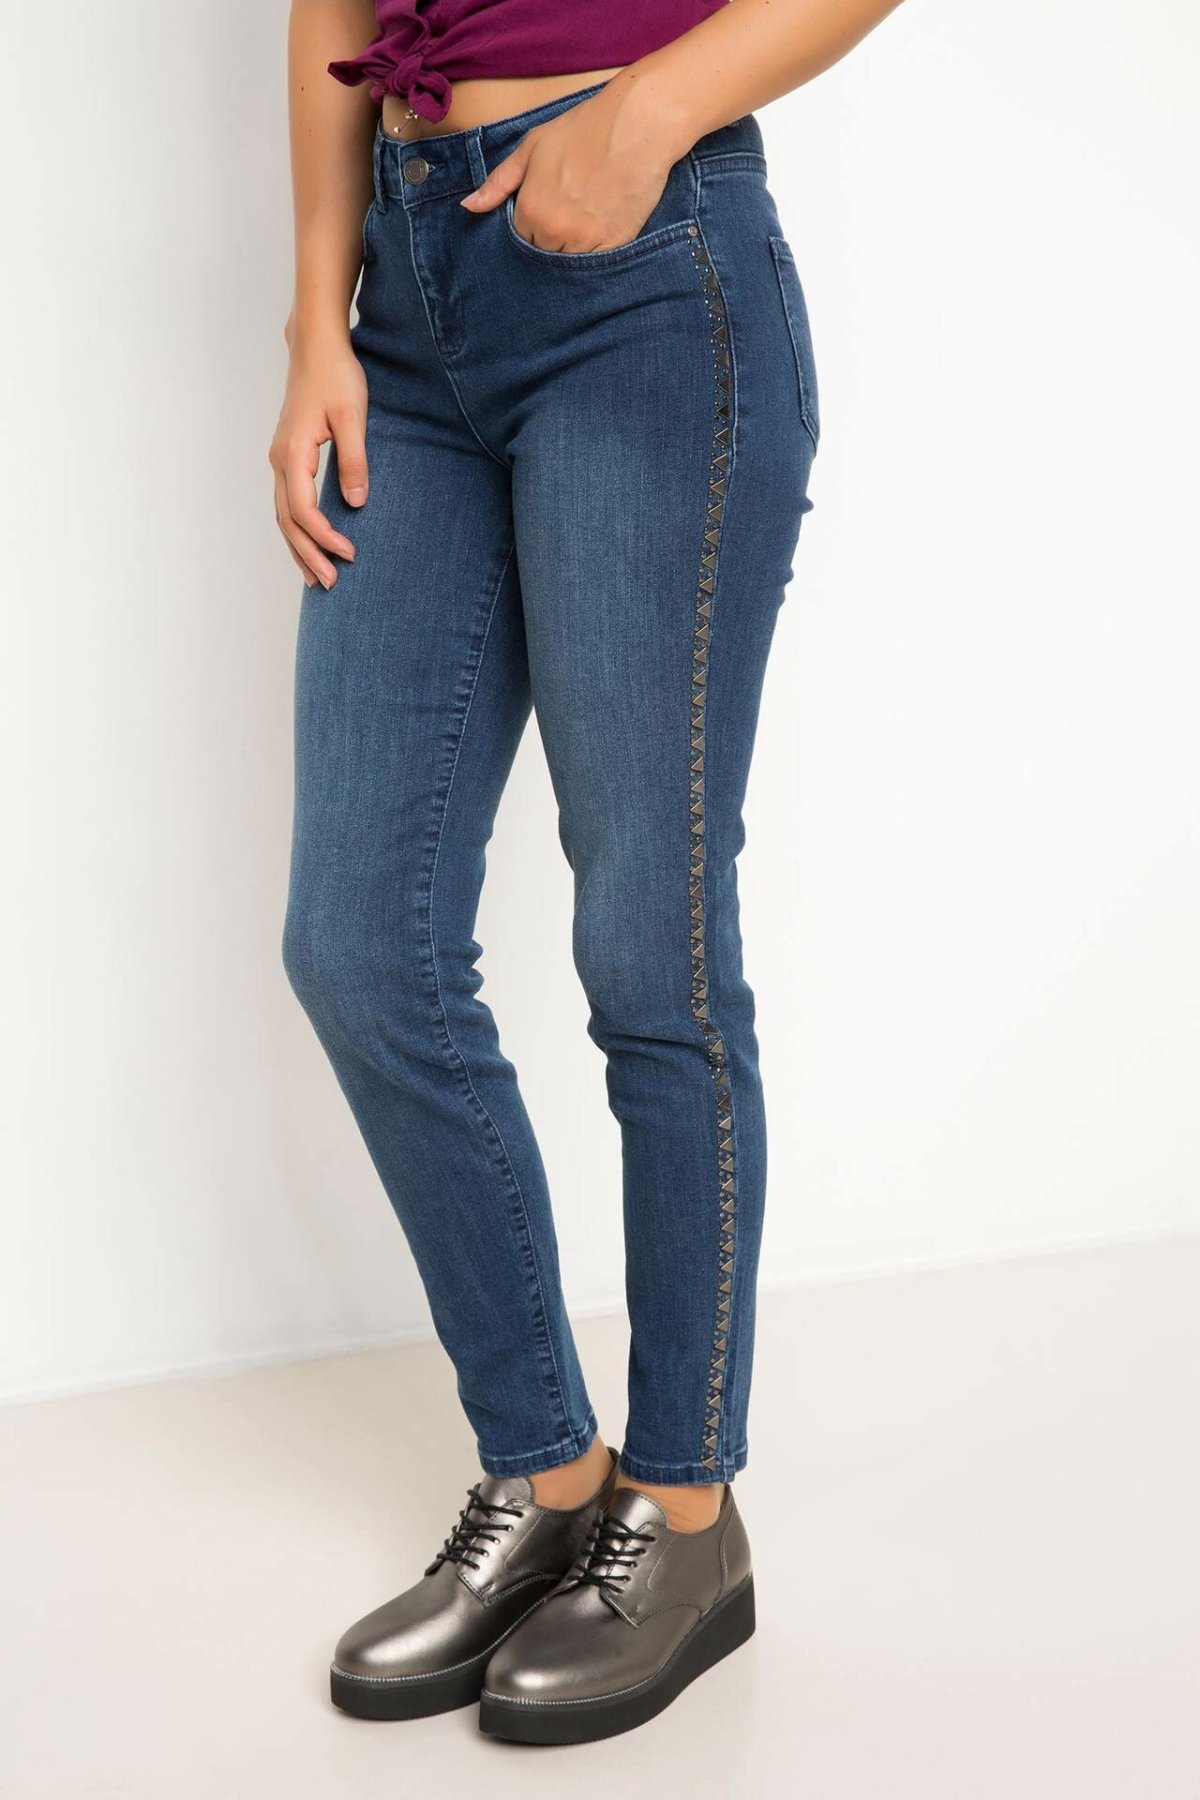 DeFacto Woman Fashion Blue Denim Jeans Women Fit Slim Denim Pants Women Mid-waist Pencil Jeans Bottom Trousers-H8504AZ17AU